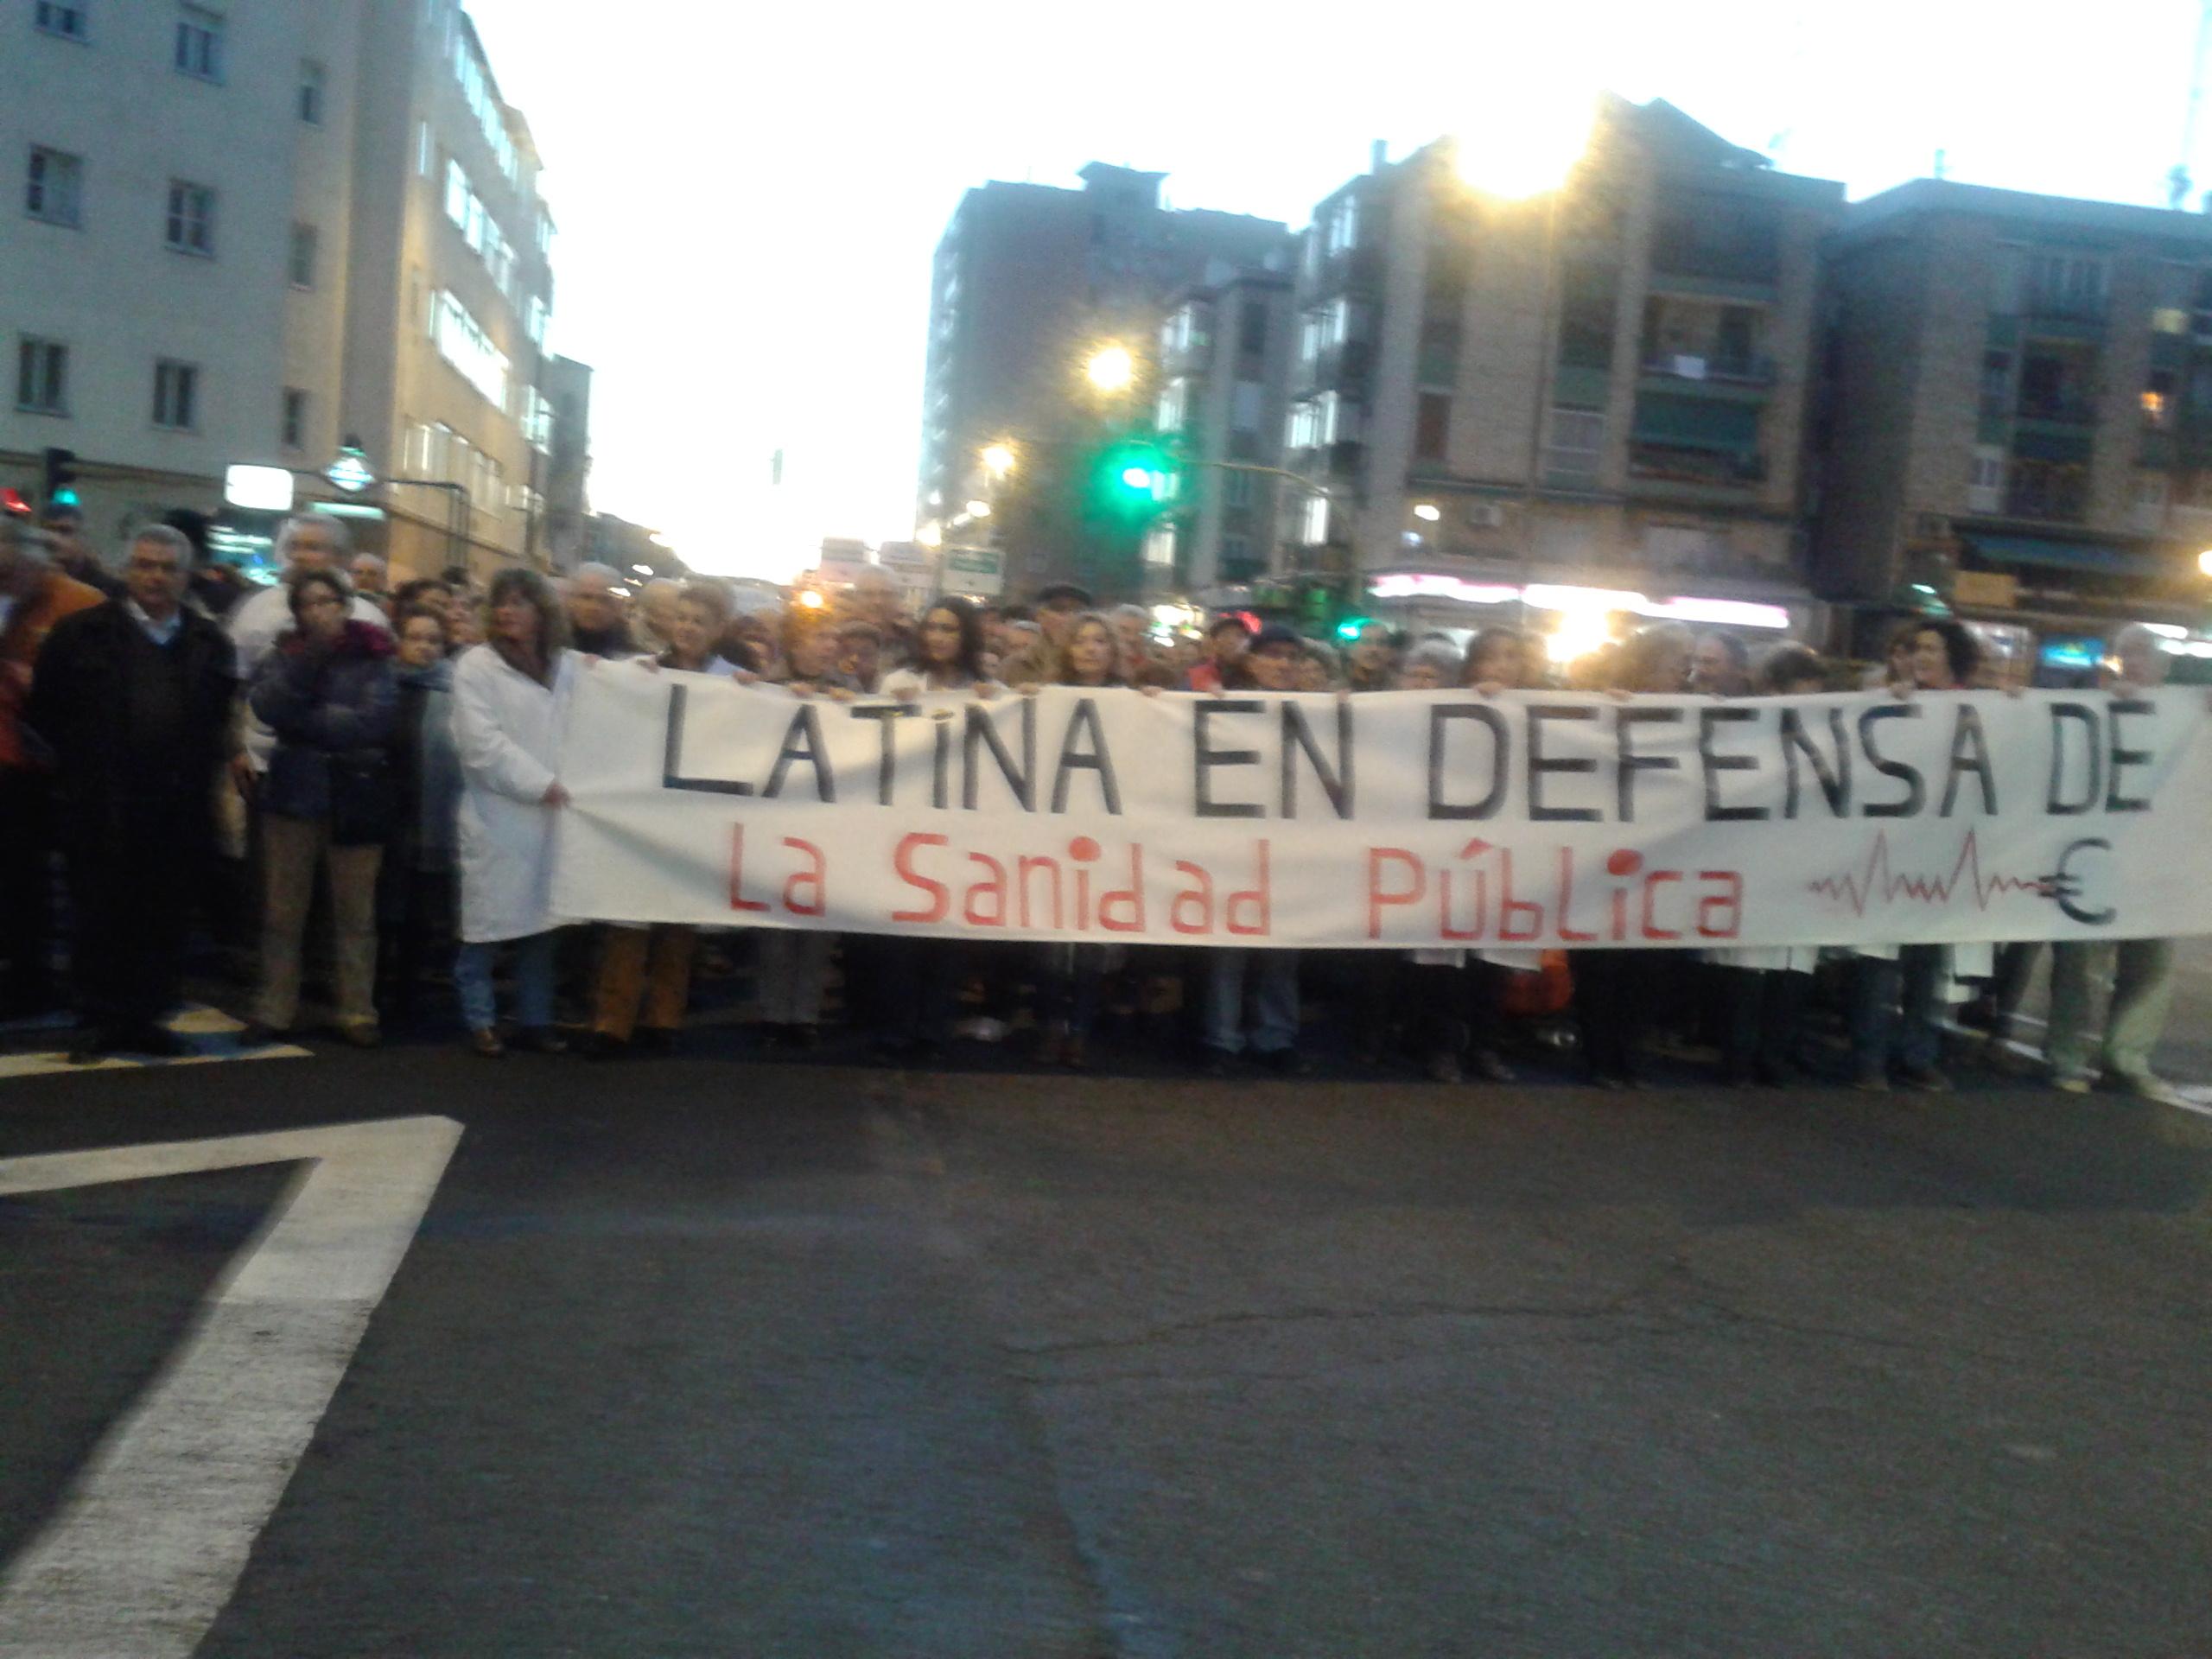 Fwd: Rv: La A.VV. Lucero Informa (Finales del mes de febrero)